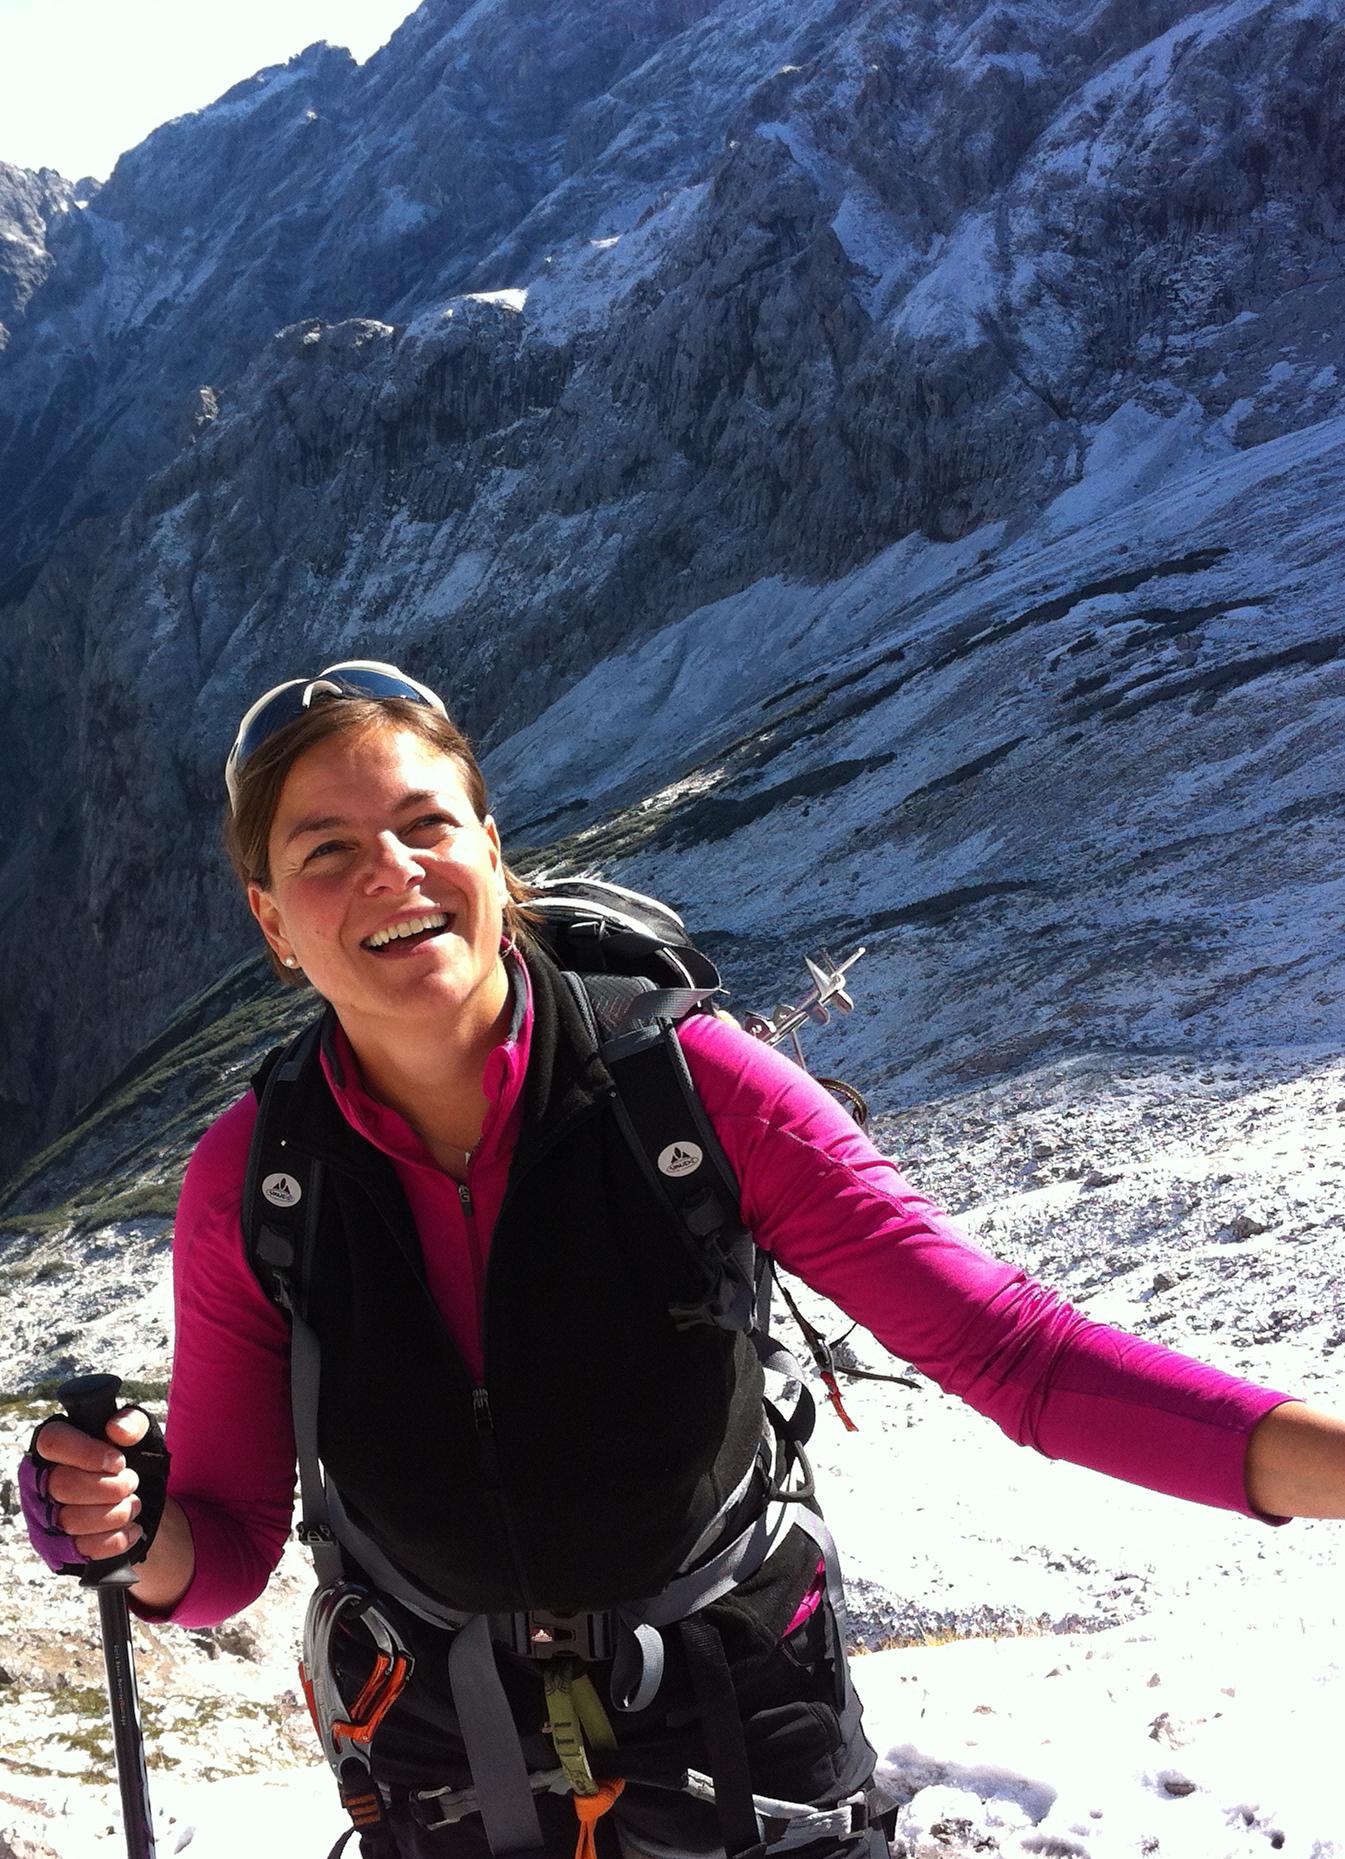 Führungs- und Unternehmenscoach Andrea Scherkamp